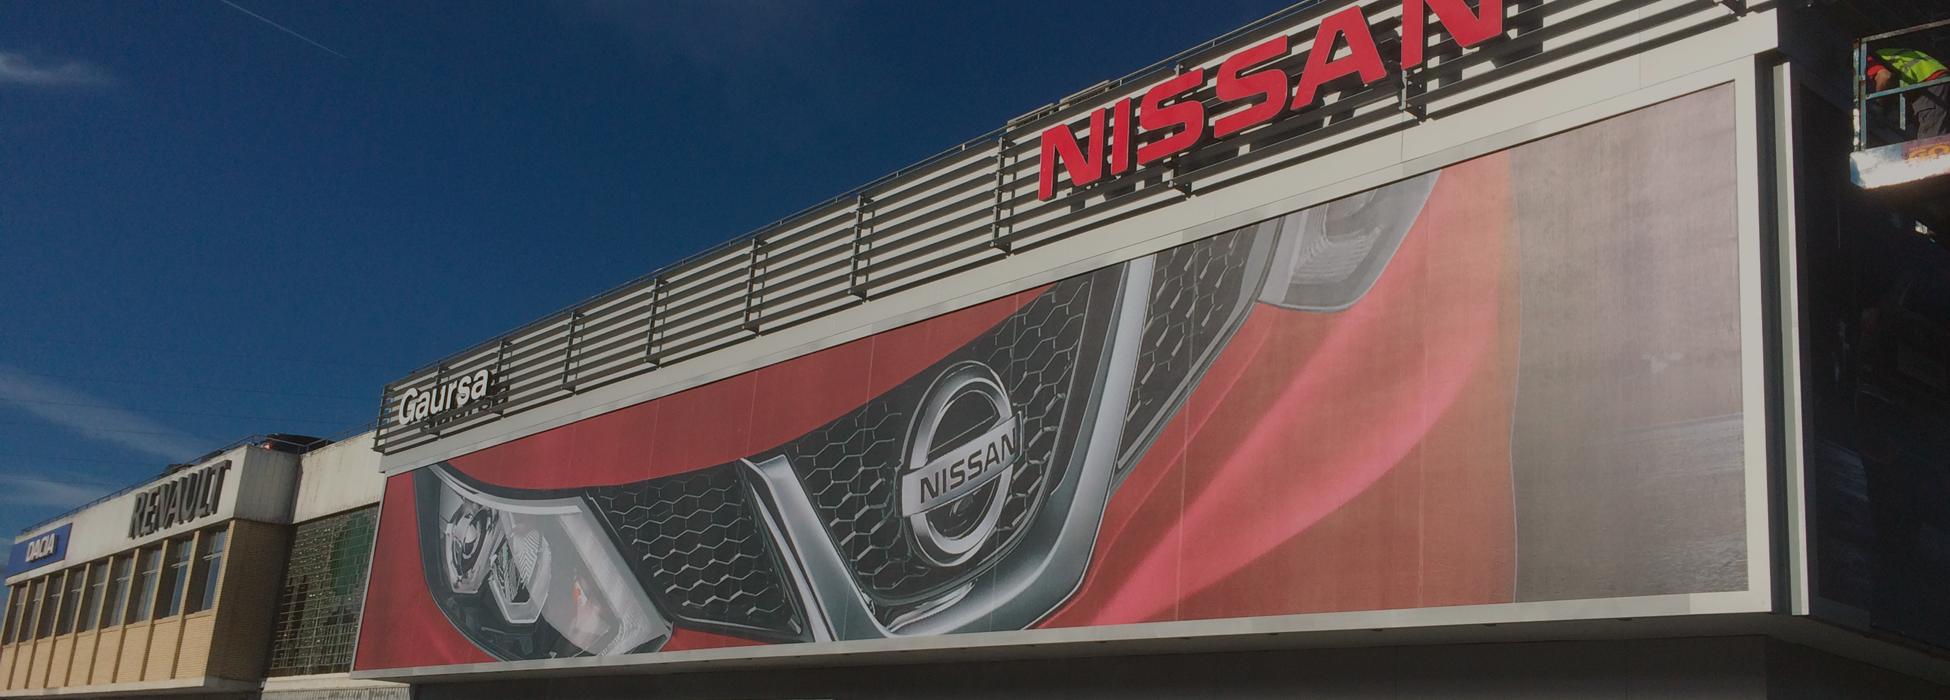 nissan-banner